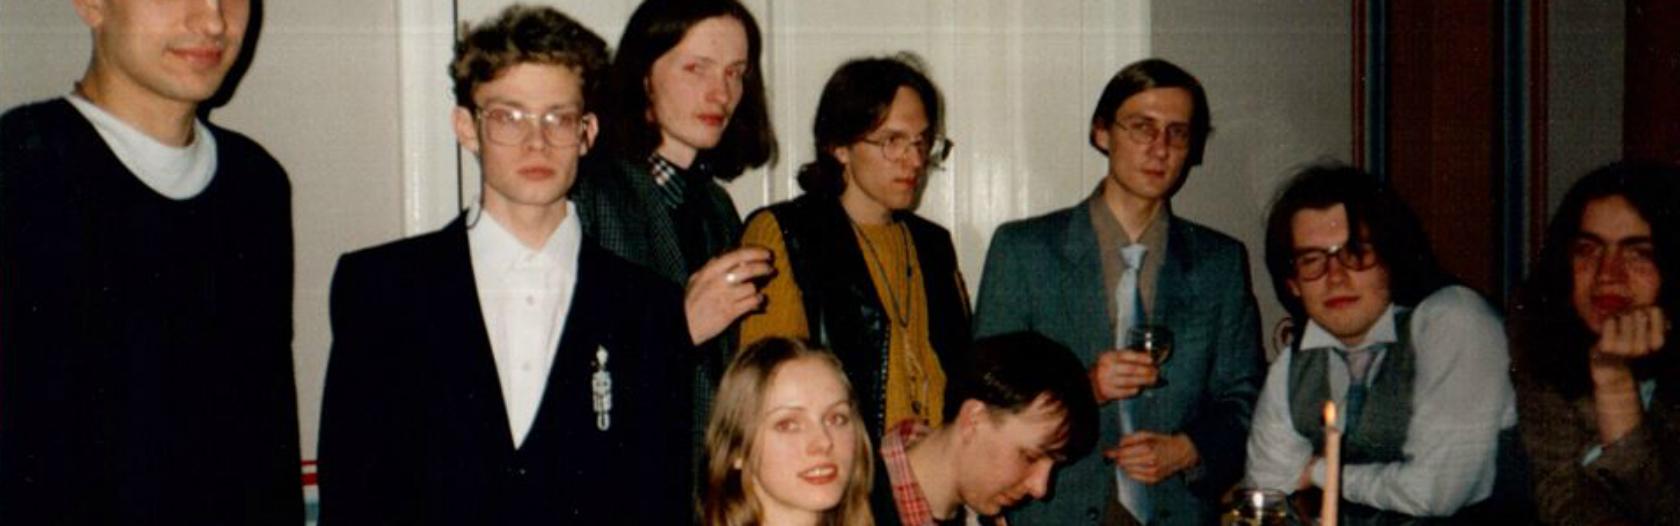 Erakkond1997_foto_BerkVaheri-erakogu_highlight